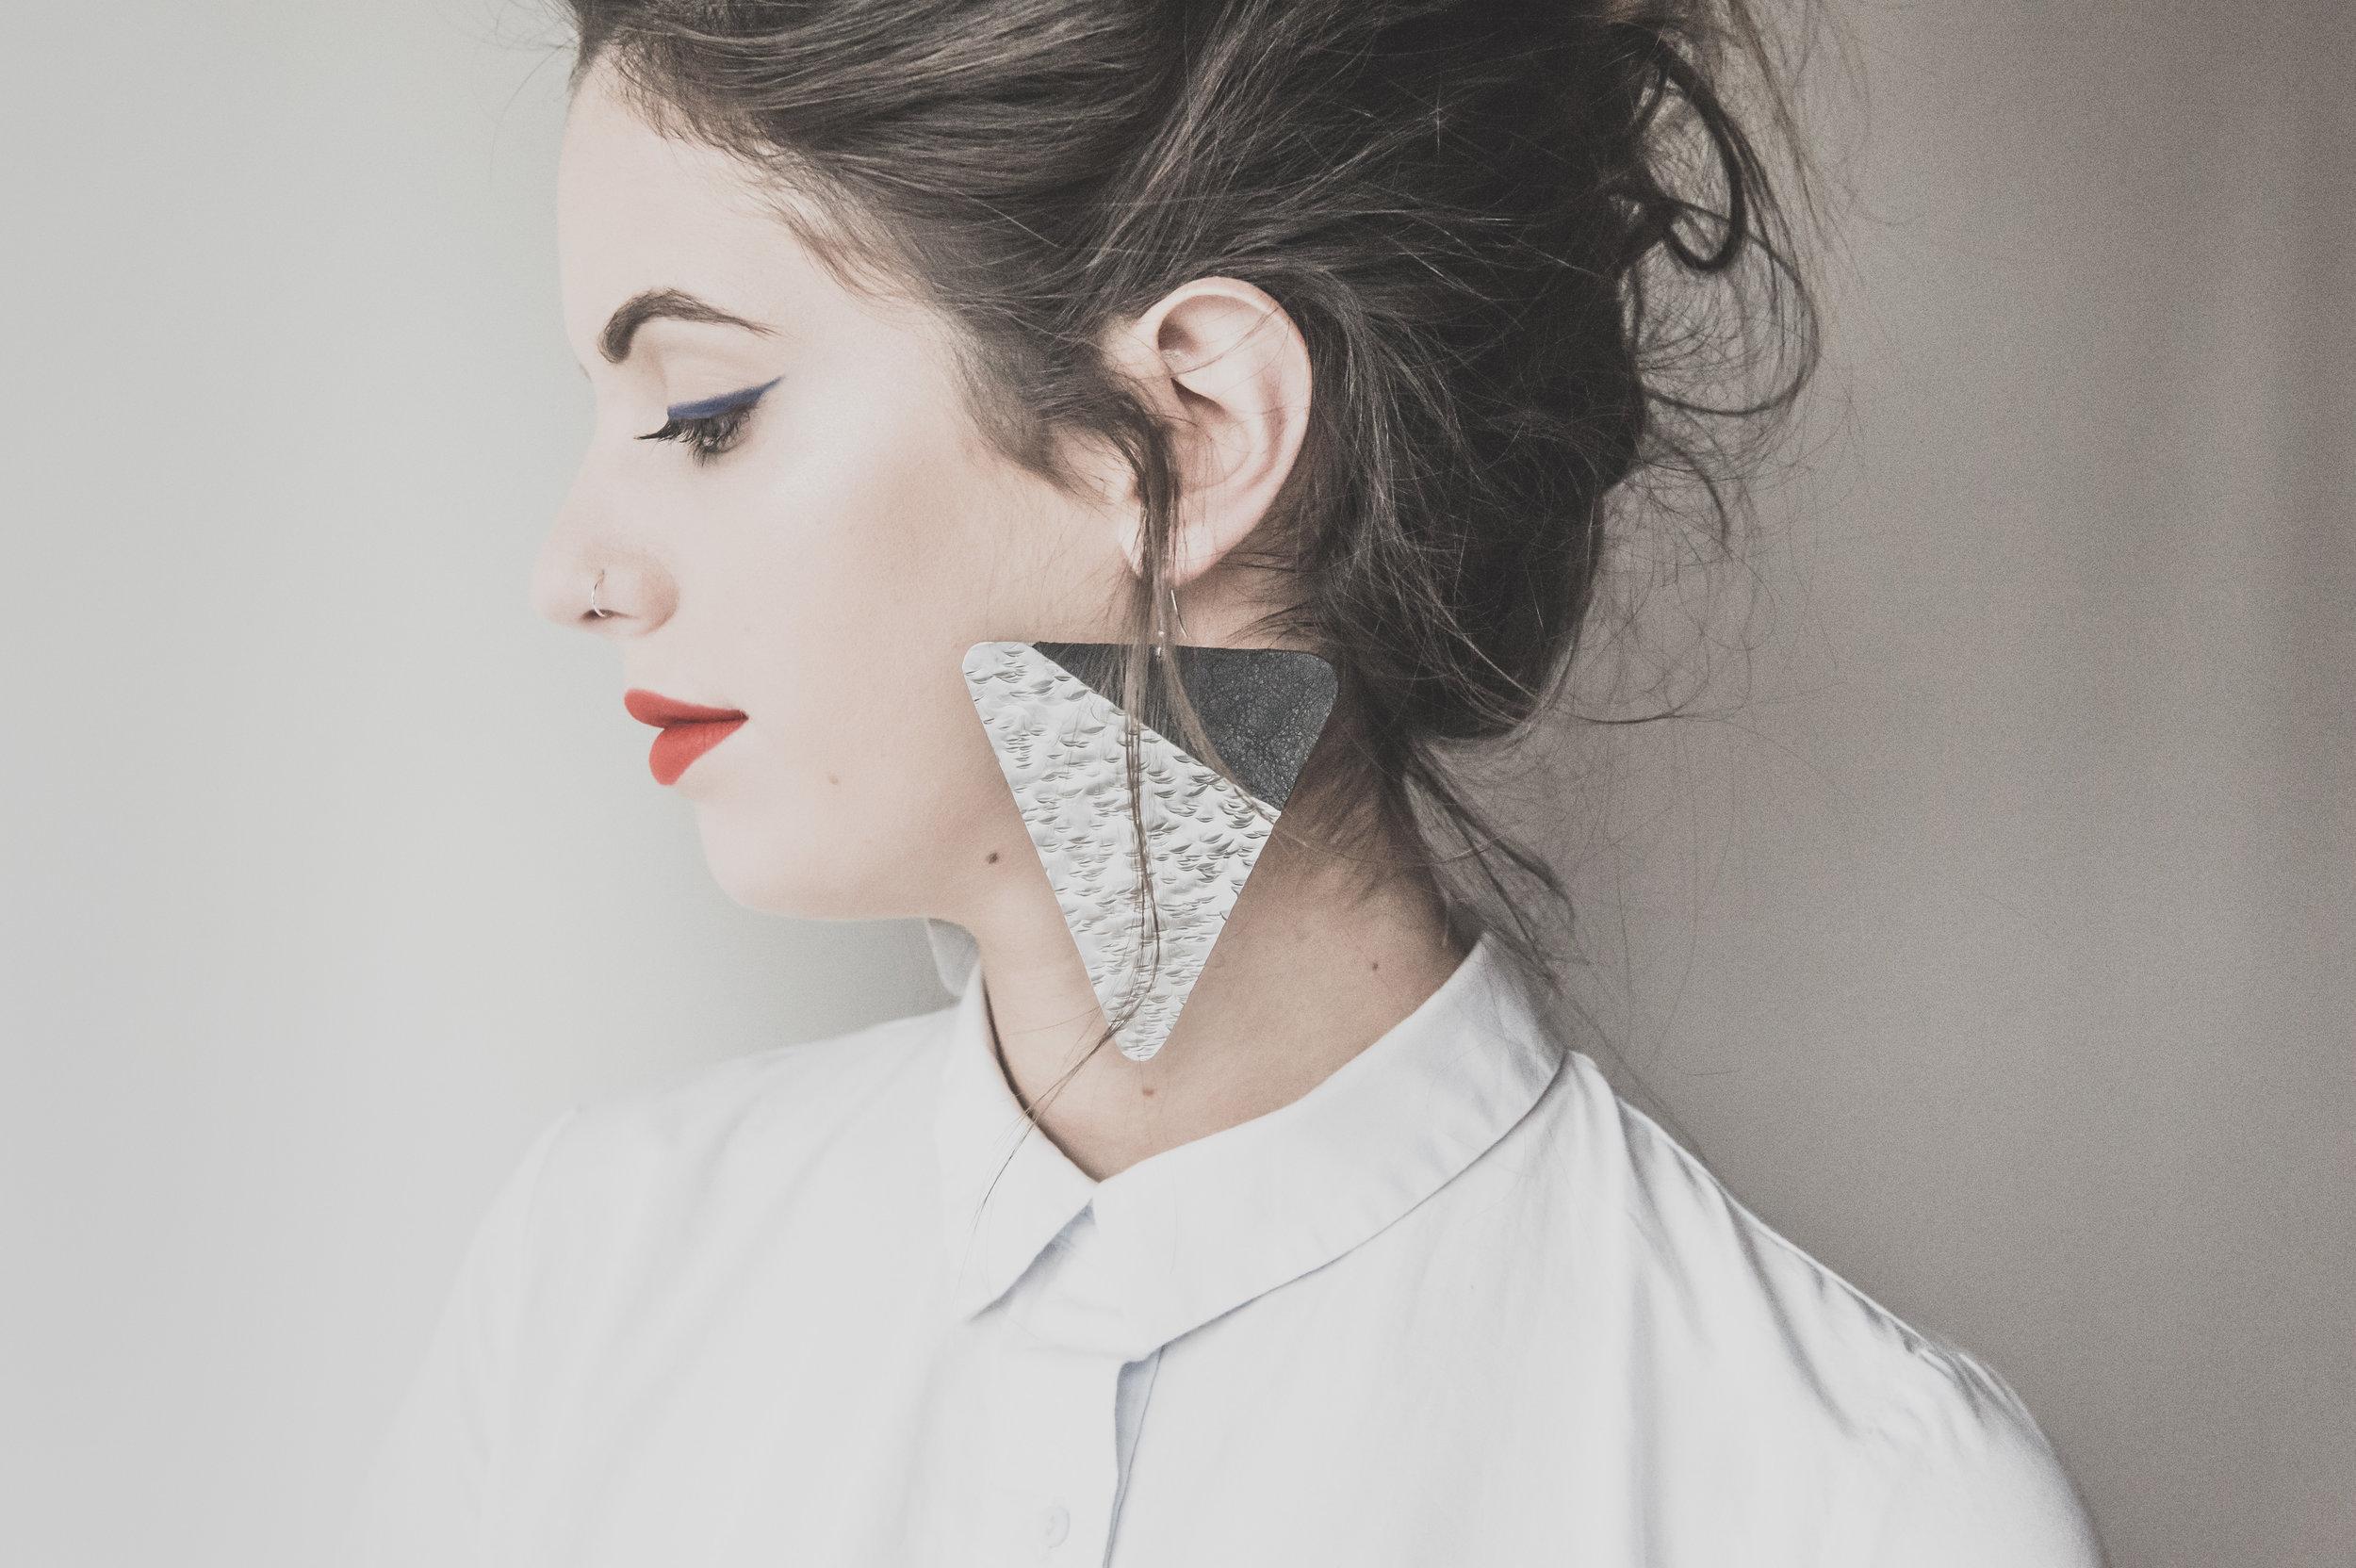 beautiful woman wearing pretty earrings